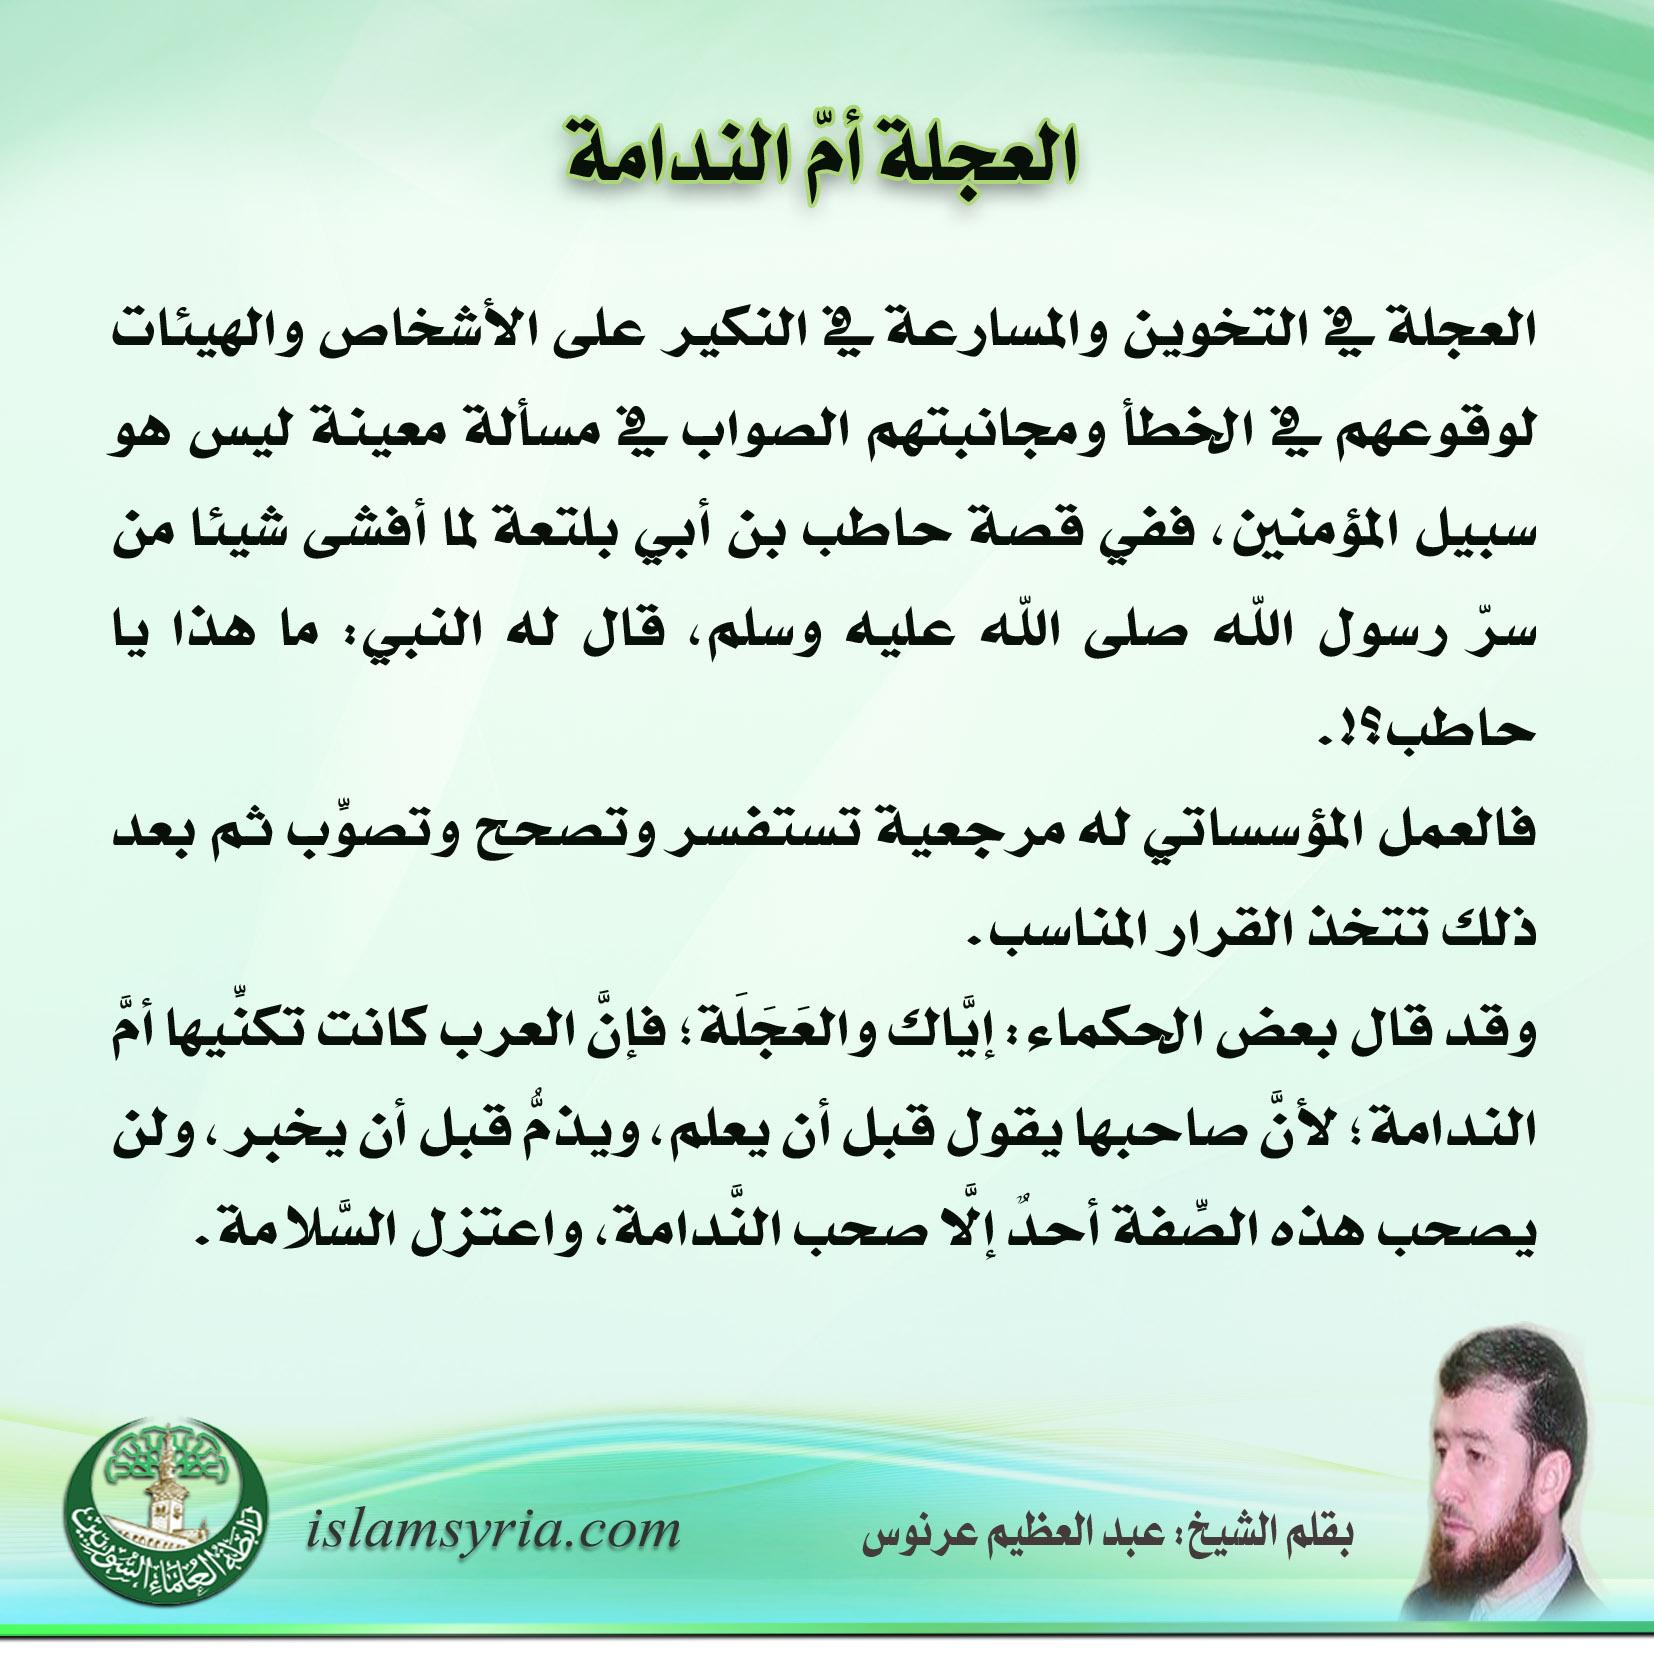 البطاقات الدعوية||العجلة أمُّ الندامة||الشيخ عبد العظيم عرنوس